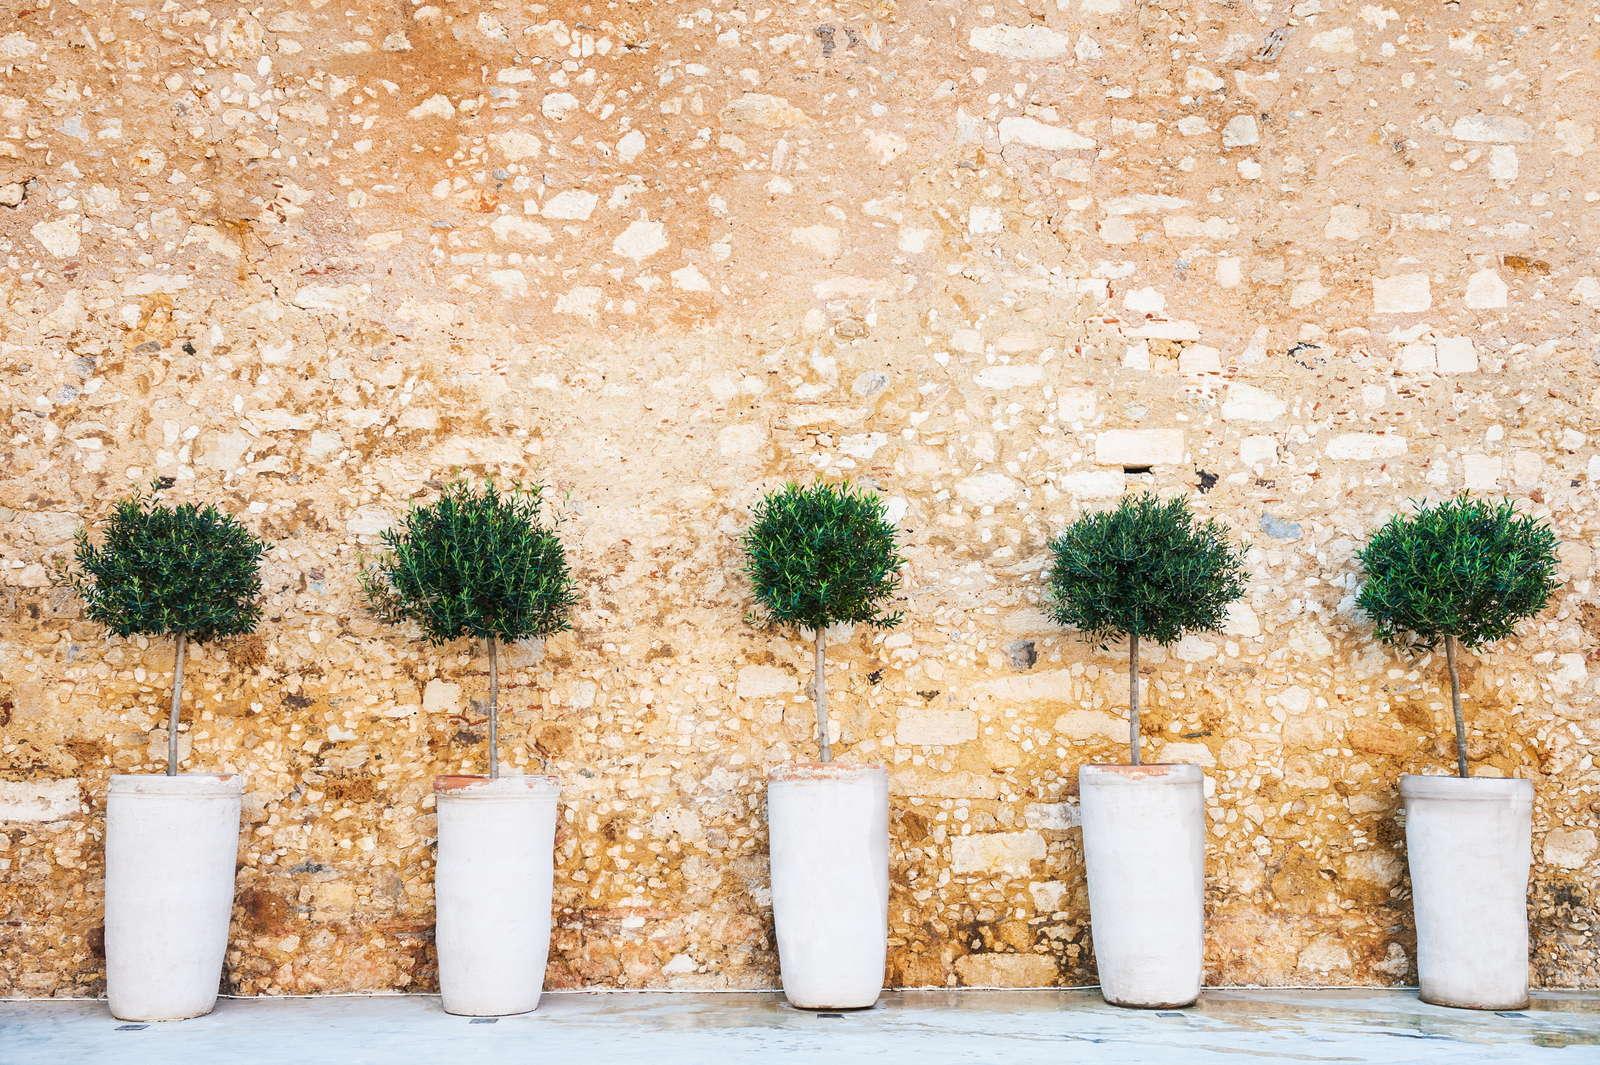 Geliebte Olivenbaum im Topf: 6 Tipps und Tricks vom Experten - Plantura &DD_55